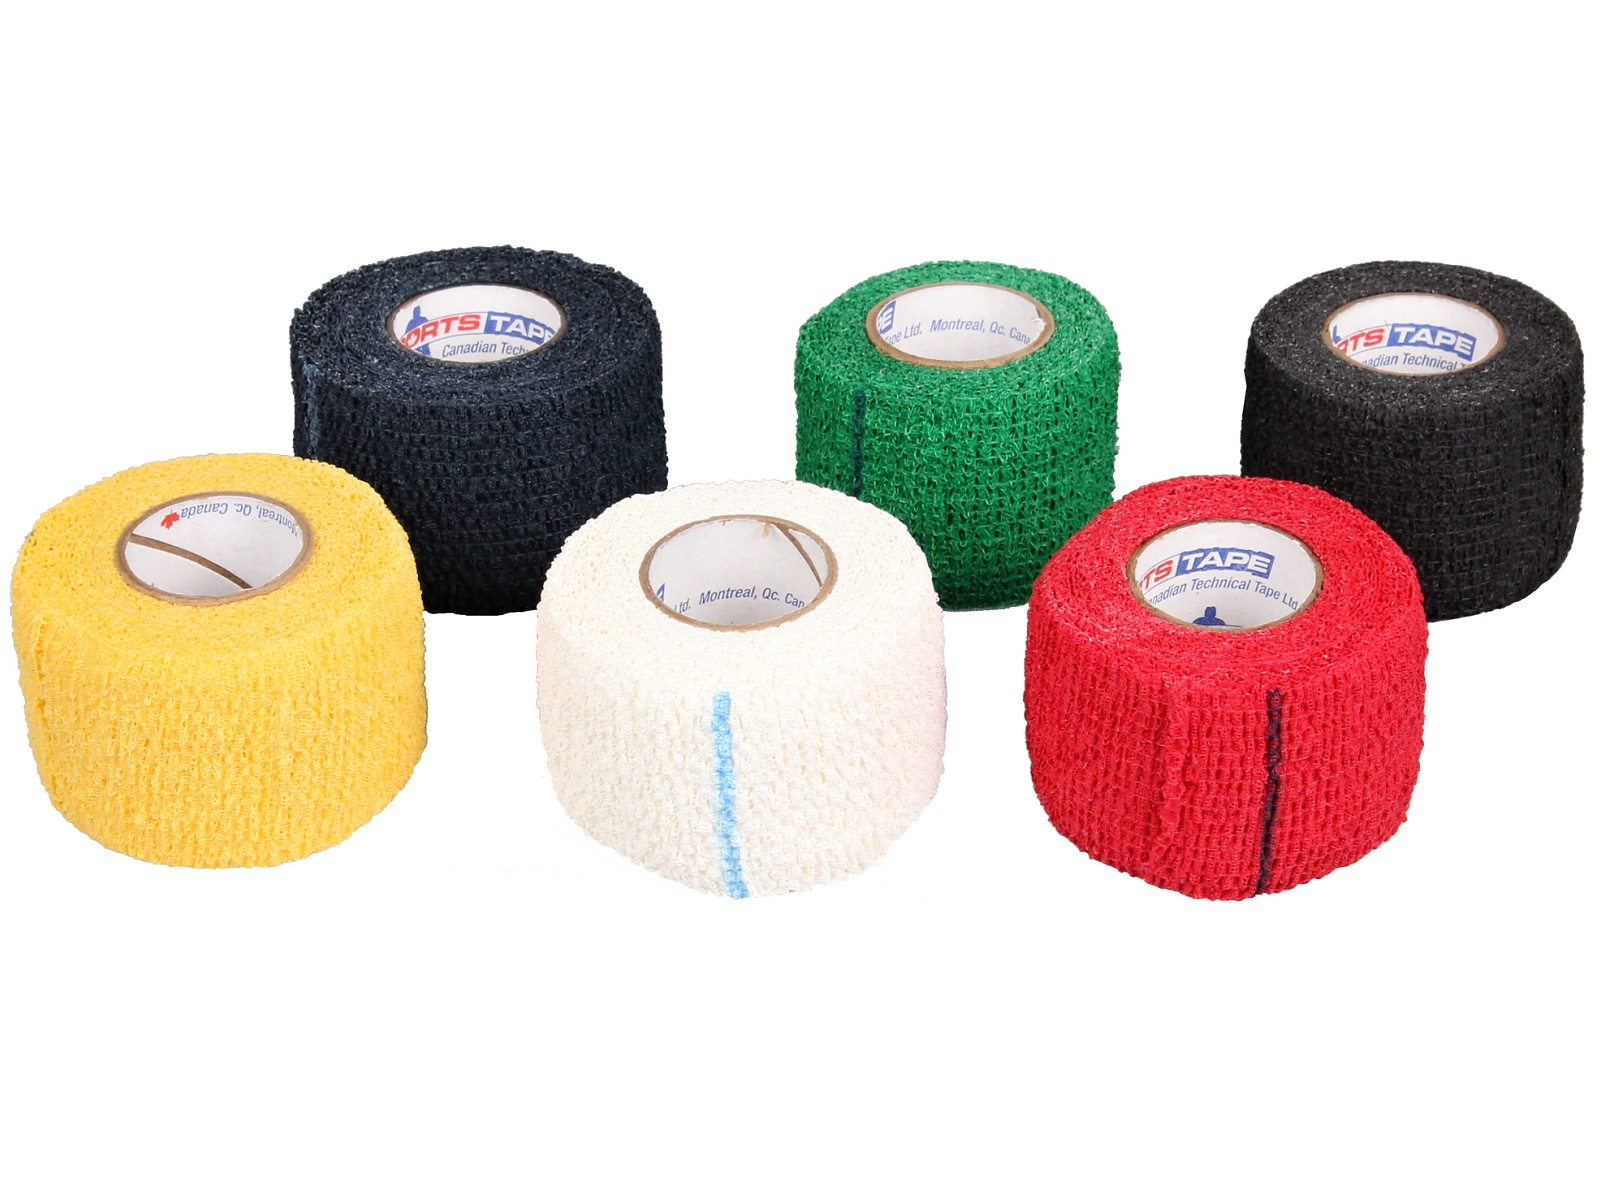 Hokejová páska Sportstape Grip na koncovky - černá